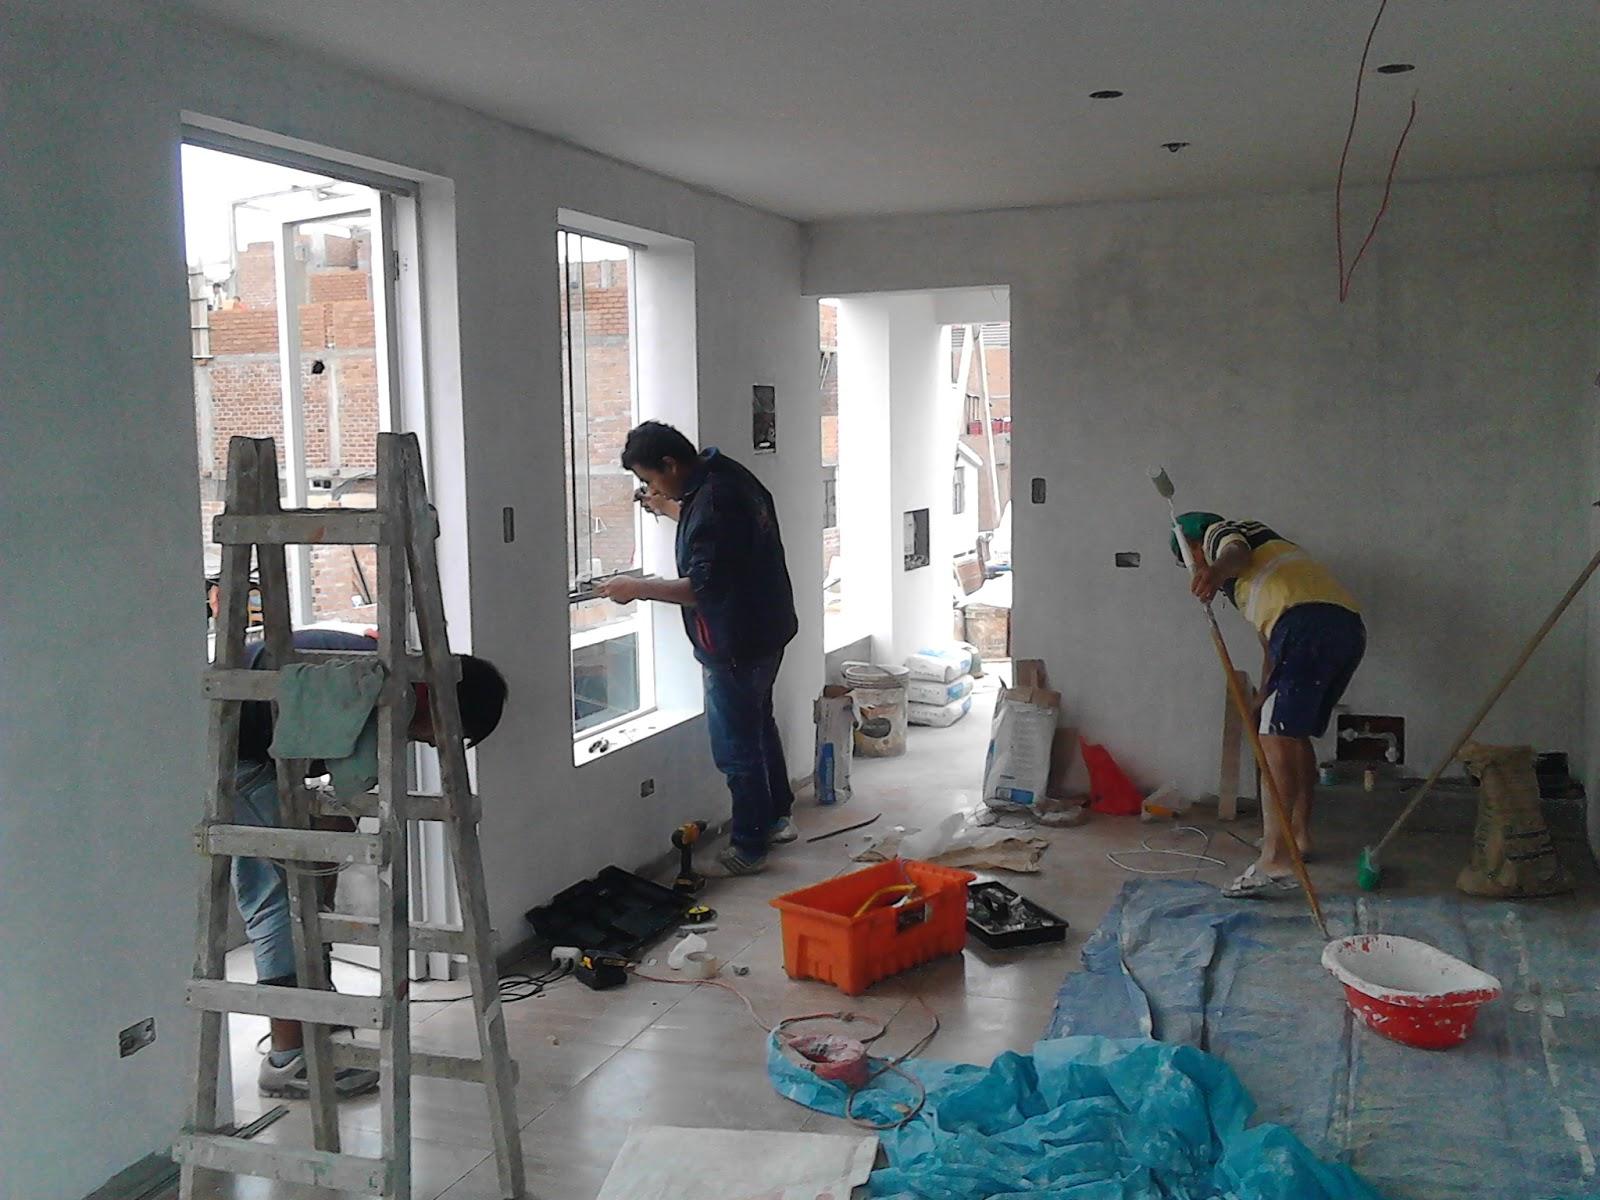 Cristian campos obra en proceso colocaci n de ventanas y for Colocacion de ventanas de aluminio